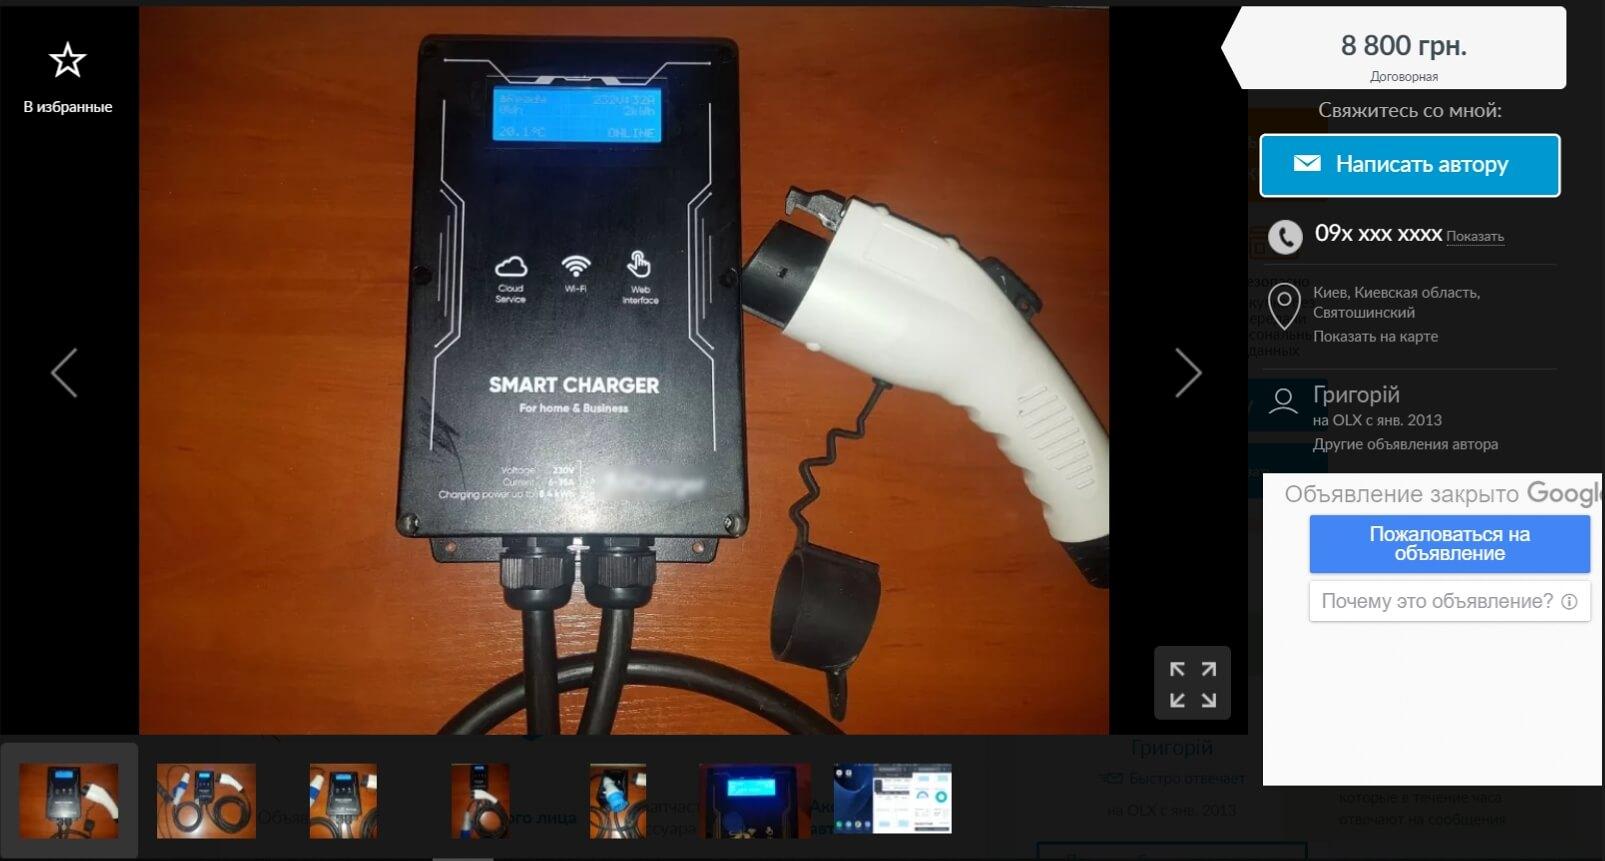 Сохраненный снимок экрана несуществующего производителя с популярного сайта объявлений